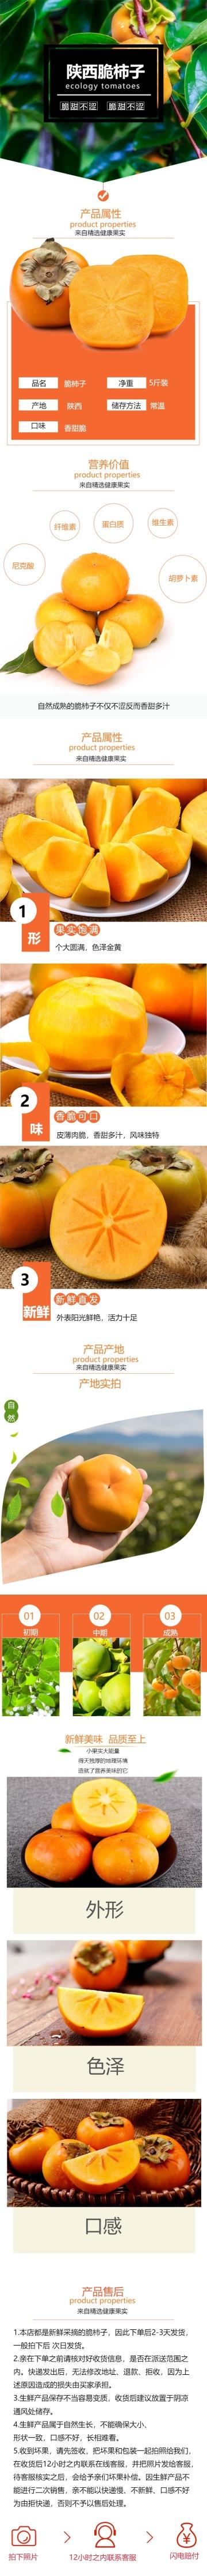 清新简约百货零售水果脆柿子促销电商详情页